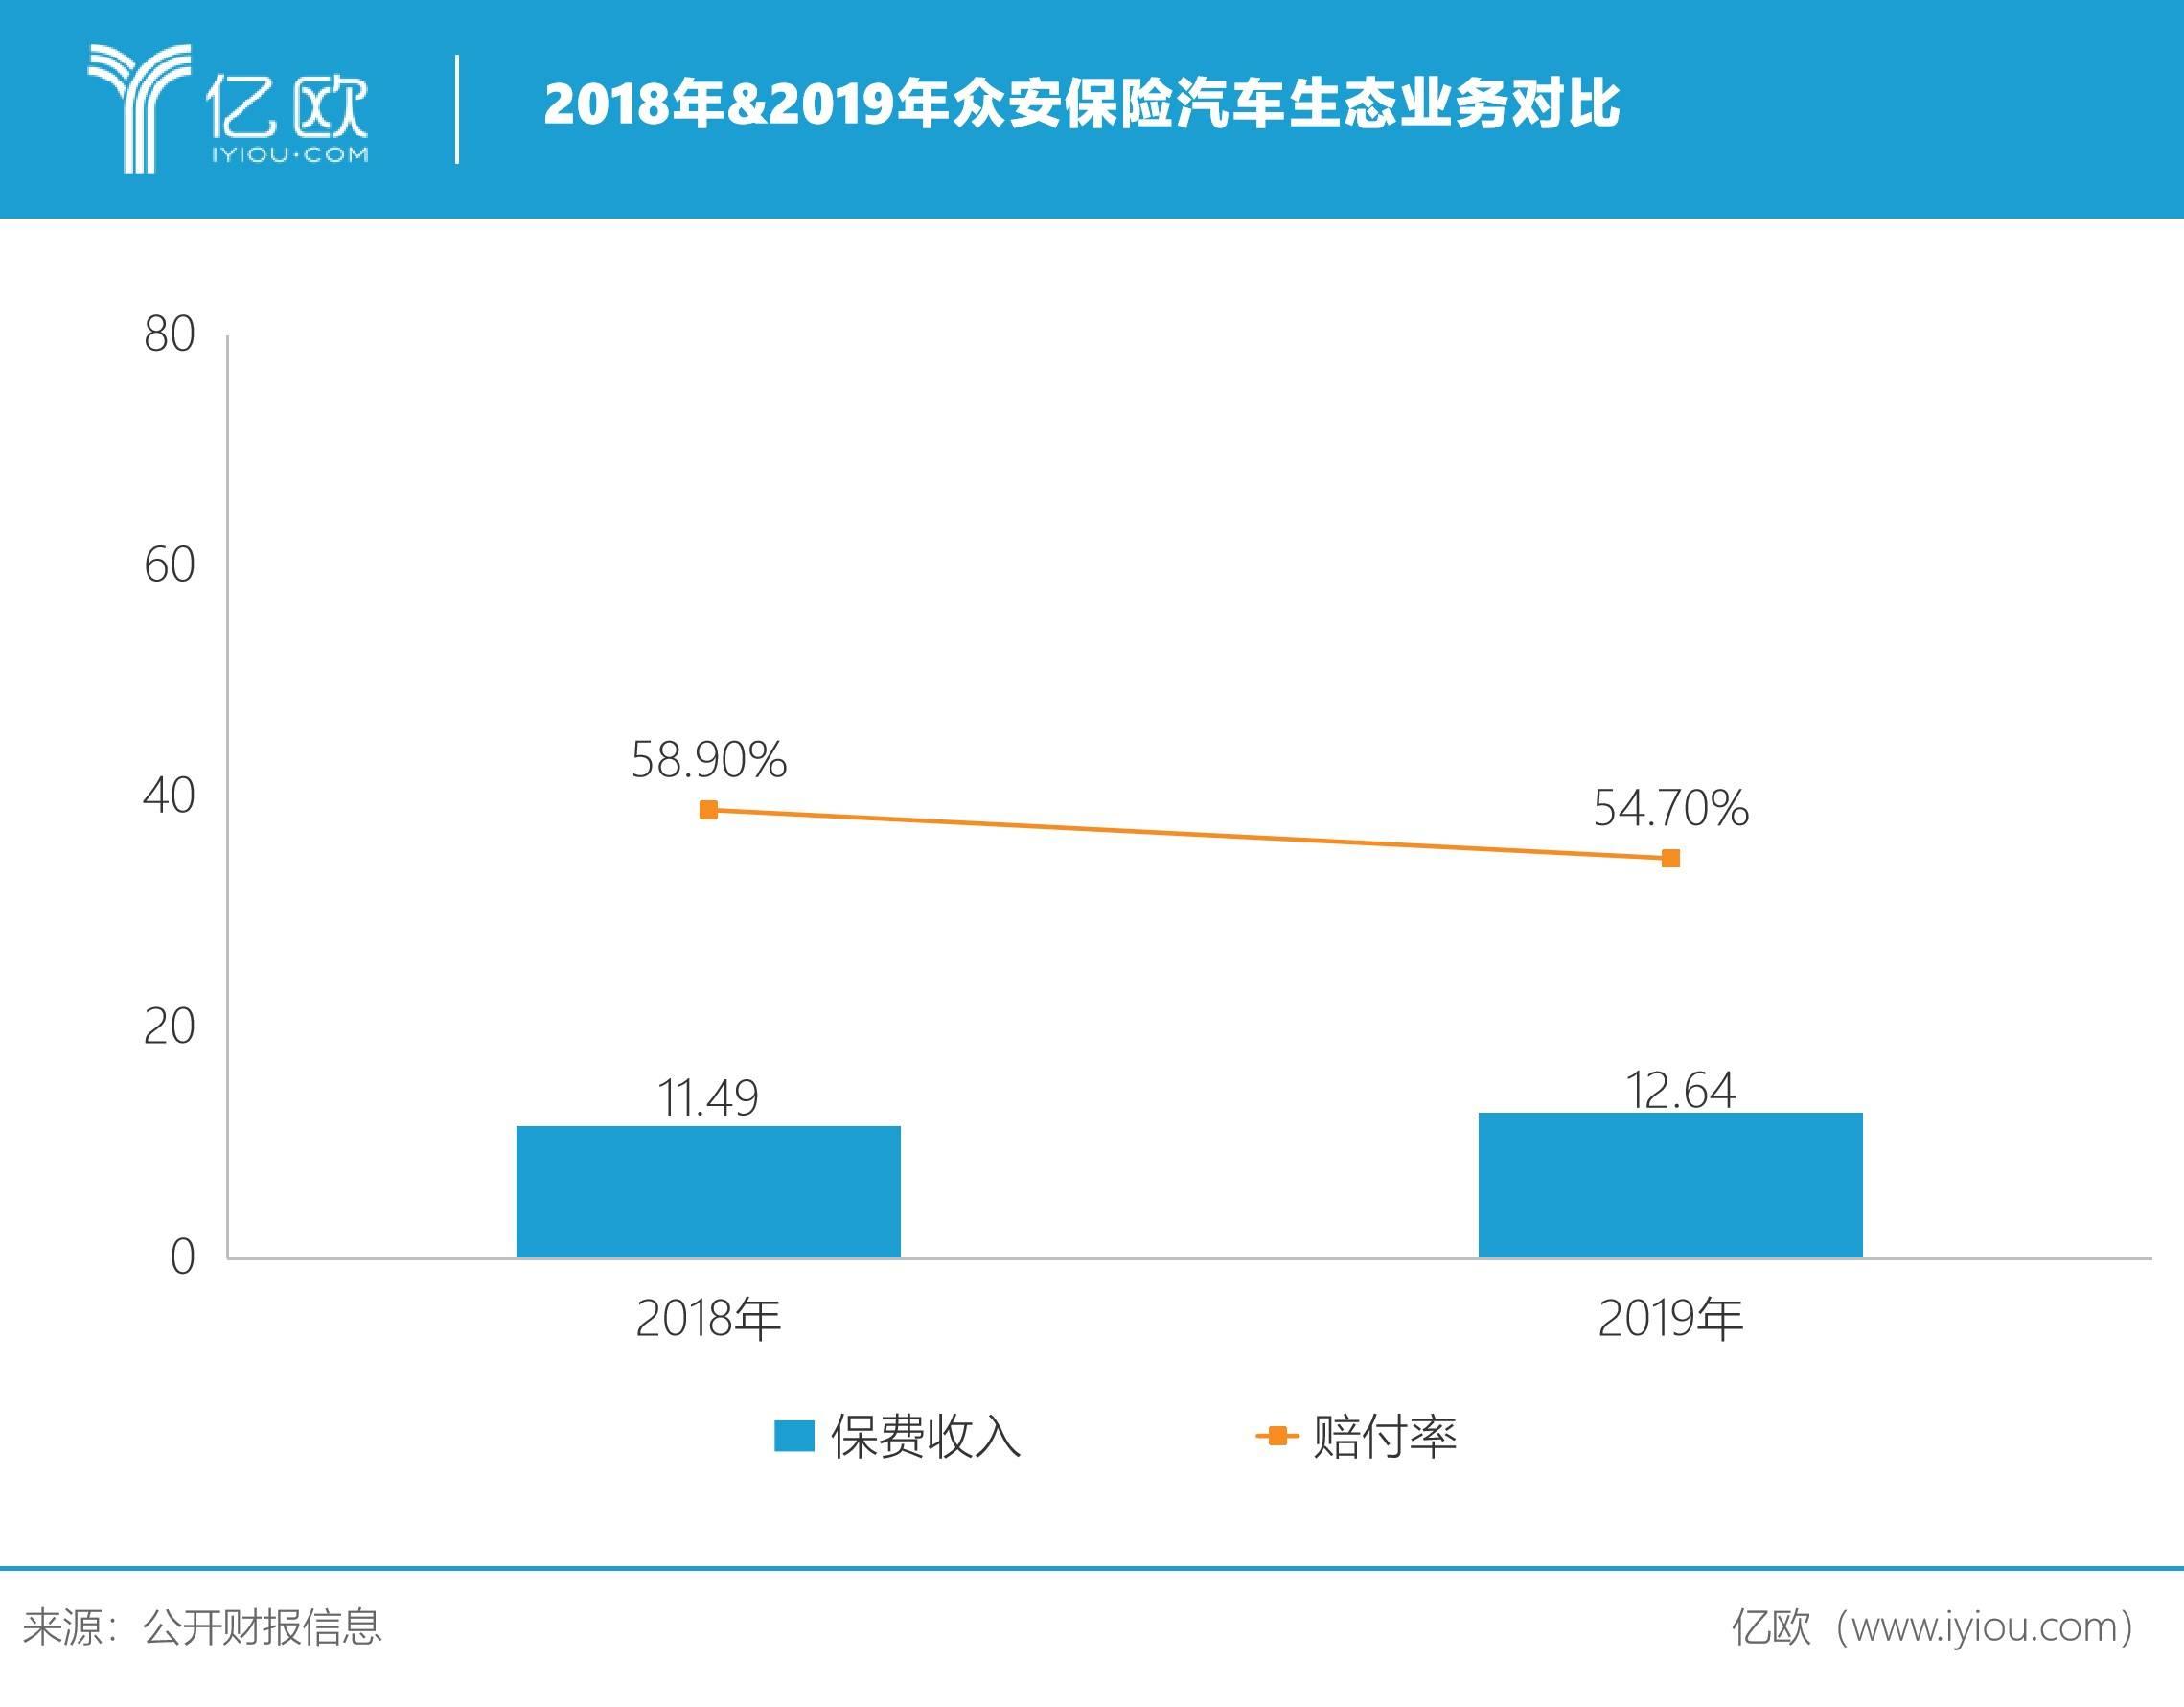 2018&2019年众安保险汽车生态业务对比